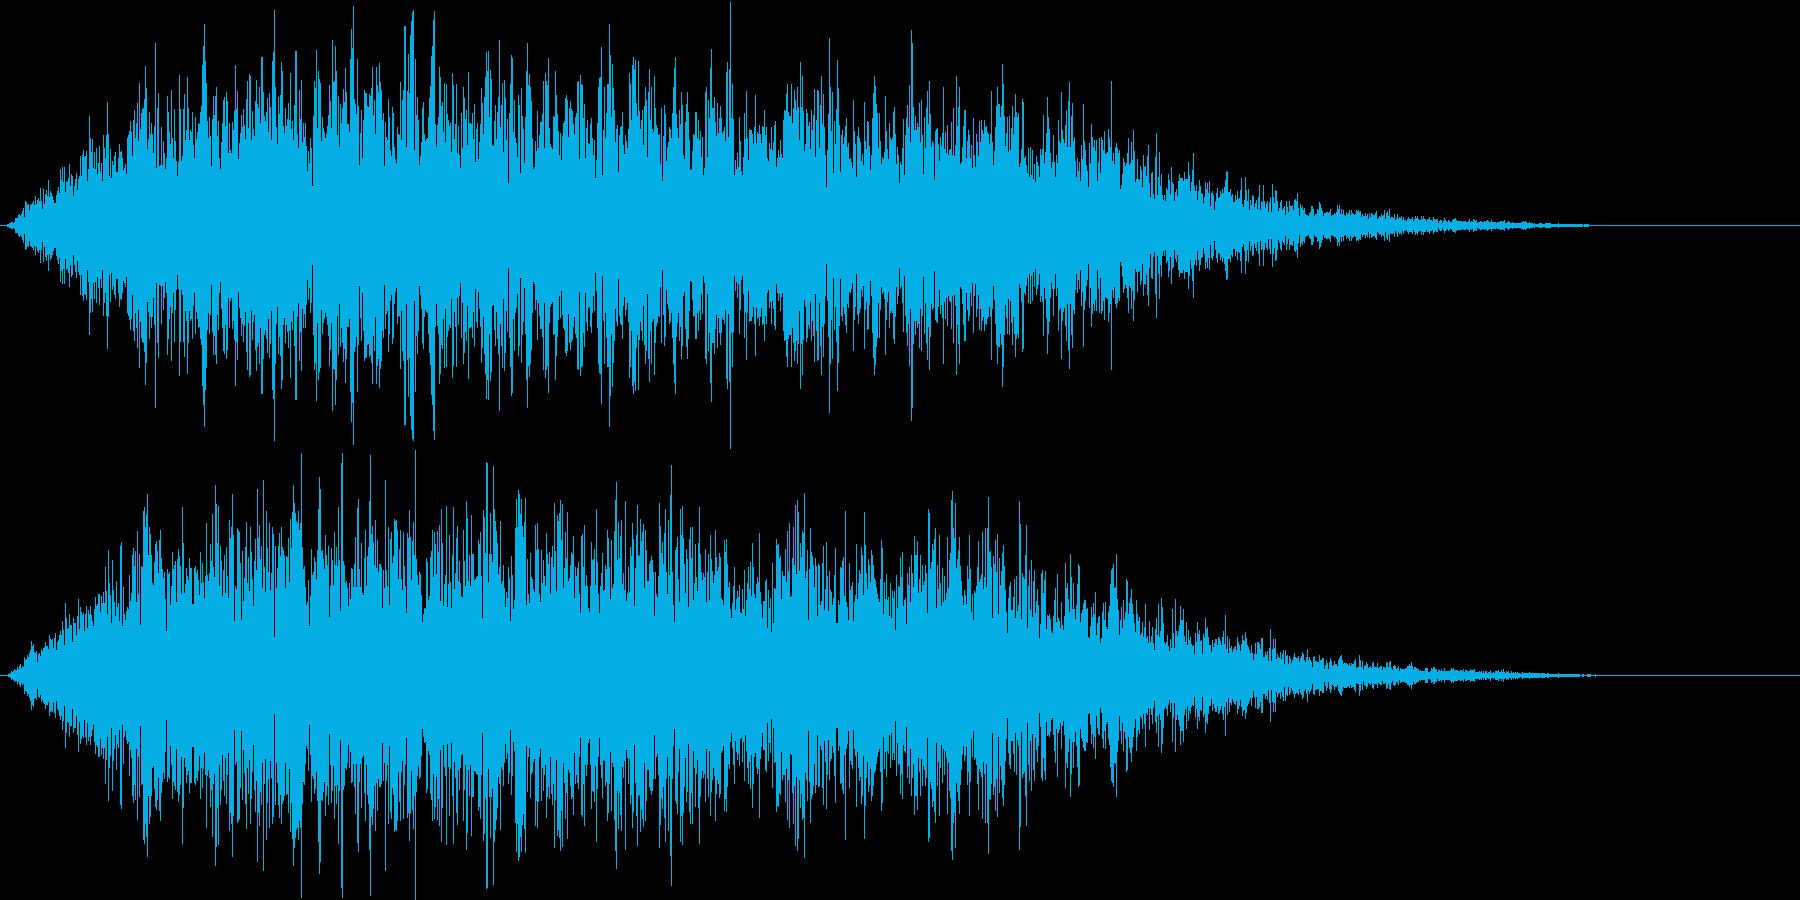 ゴォォォォォ(地下通路の効果音)の再生済みの波形